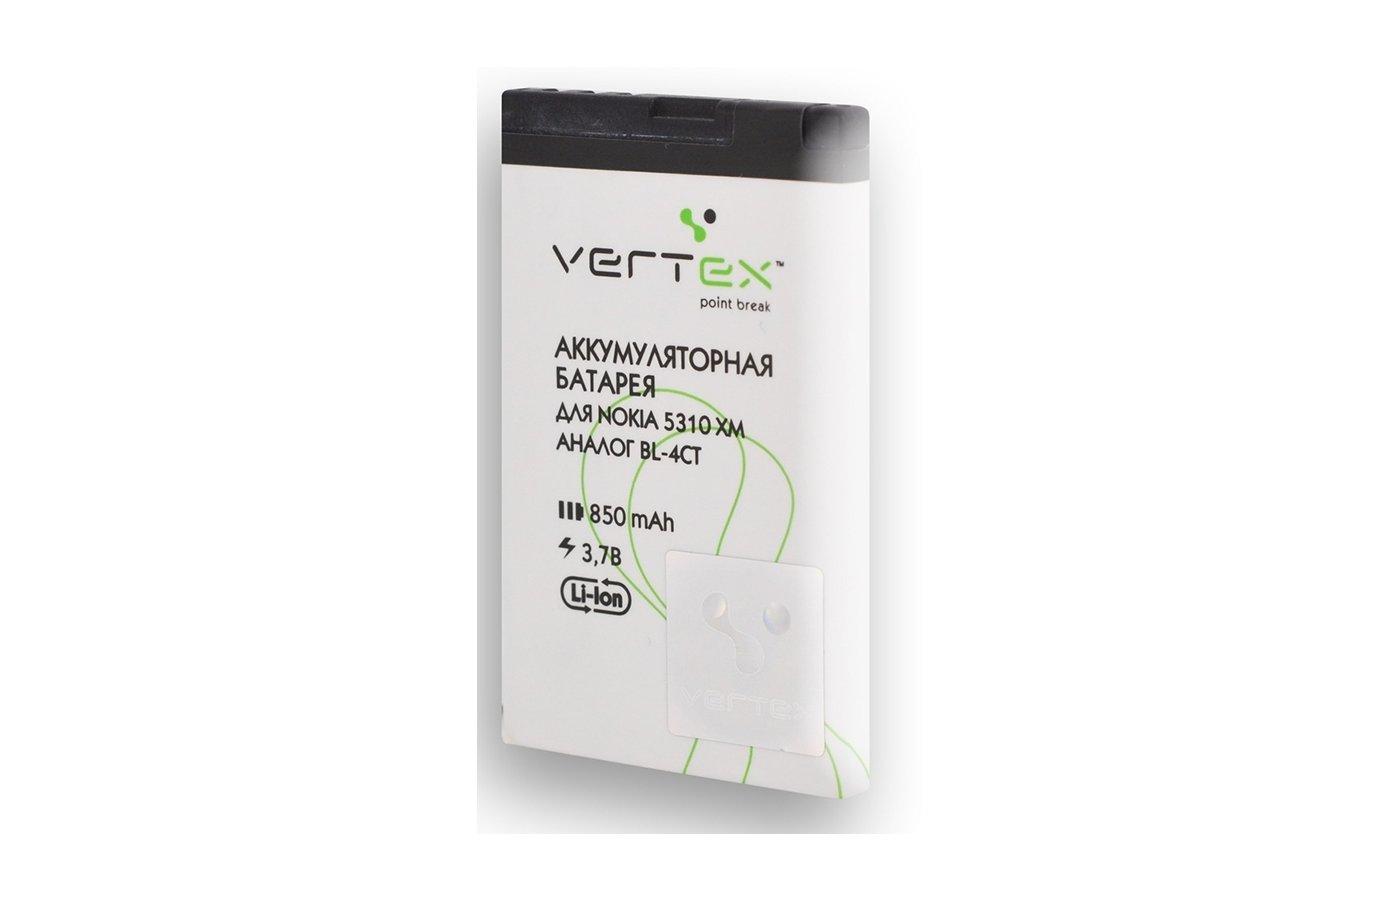 Аккумулятор VERTEX BL-4CT для Nokia 850mAh